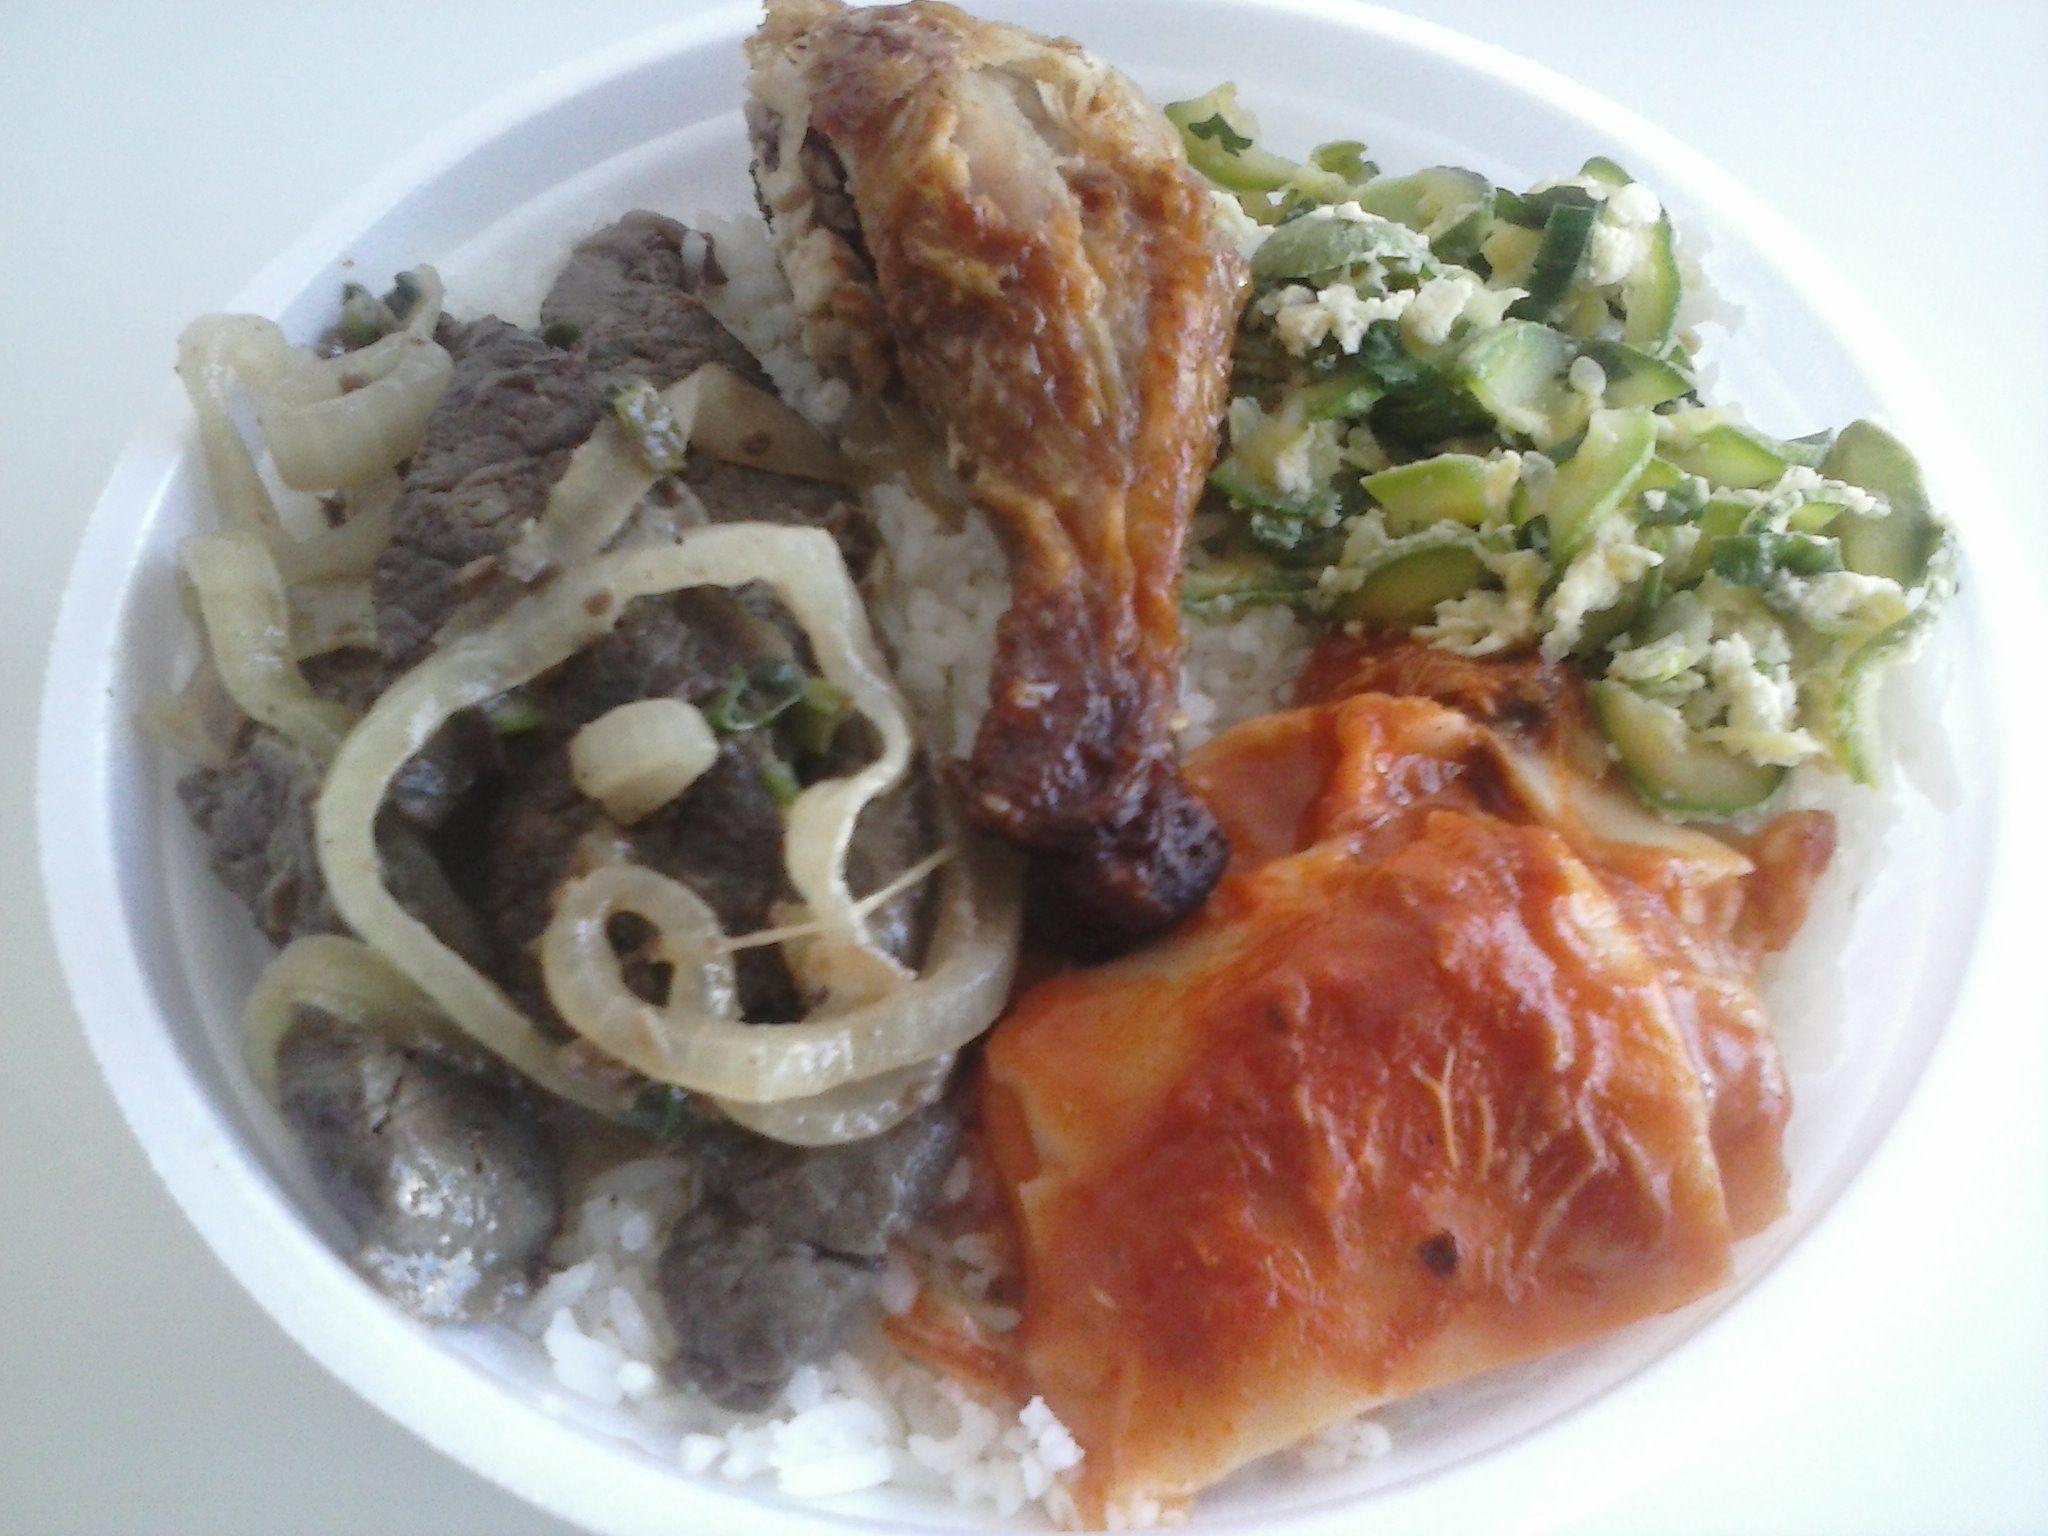 Bom dia!!! Cardápio de hoje: Carne acebolada, frango assado, omelete com abobrinha, massa, arroz com feijão mais salada....